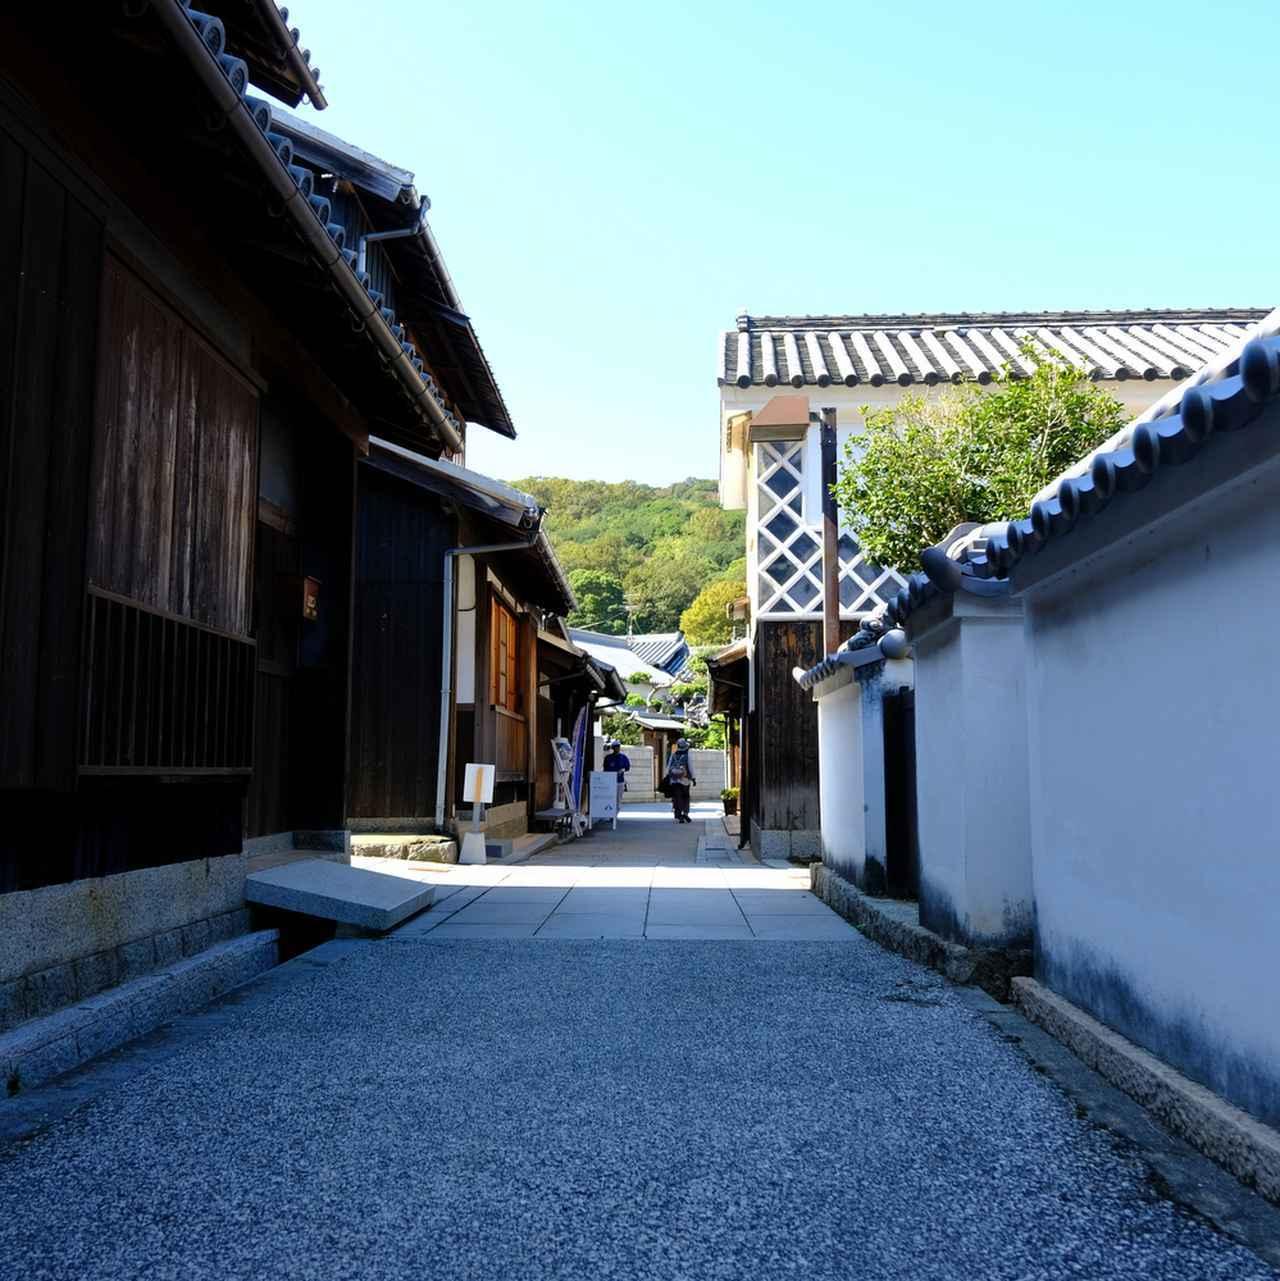 画像: 瀬戸芸のアート展示も行われていたのでたくさんの観光客で賑わっていました。なまこ壁が見える風景。